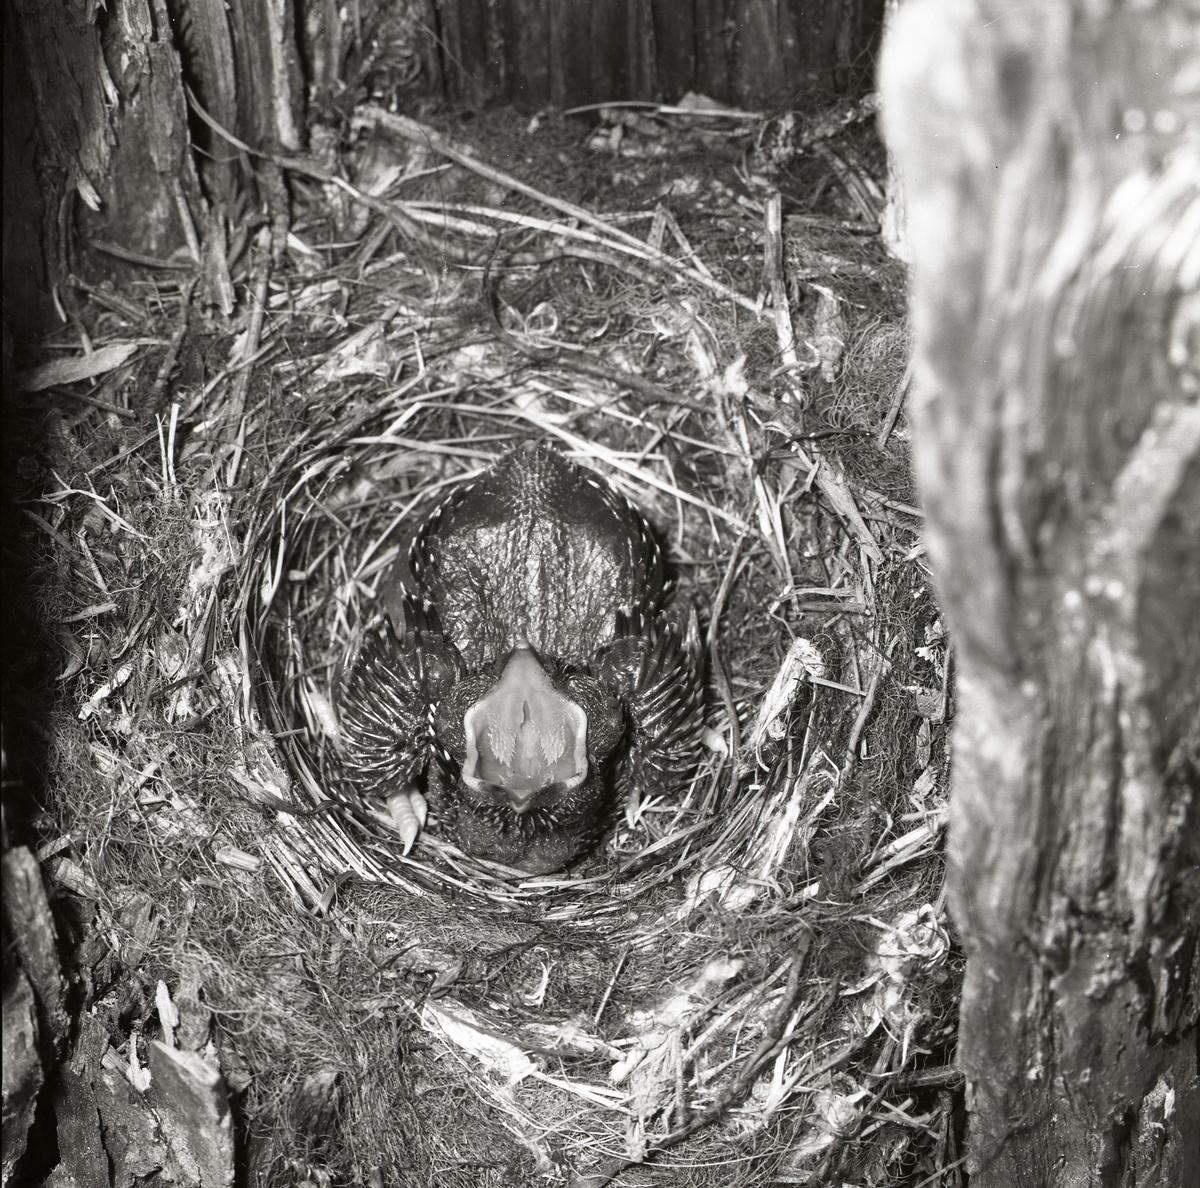 På rygg i fågelboet ligger den sex dygn gamla gökungen och skriker efter mat. Näbben är vidöppen och kroppen har börjat få spolar som ska bli till fjädrar.